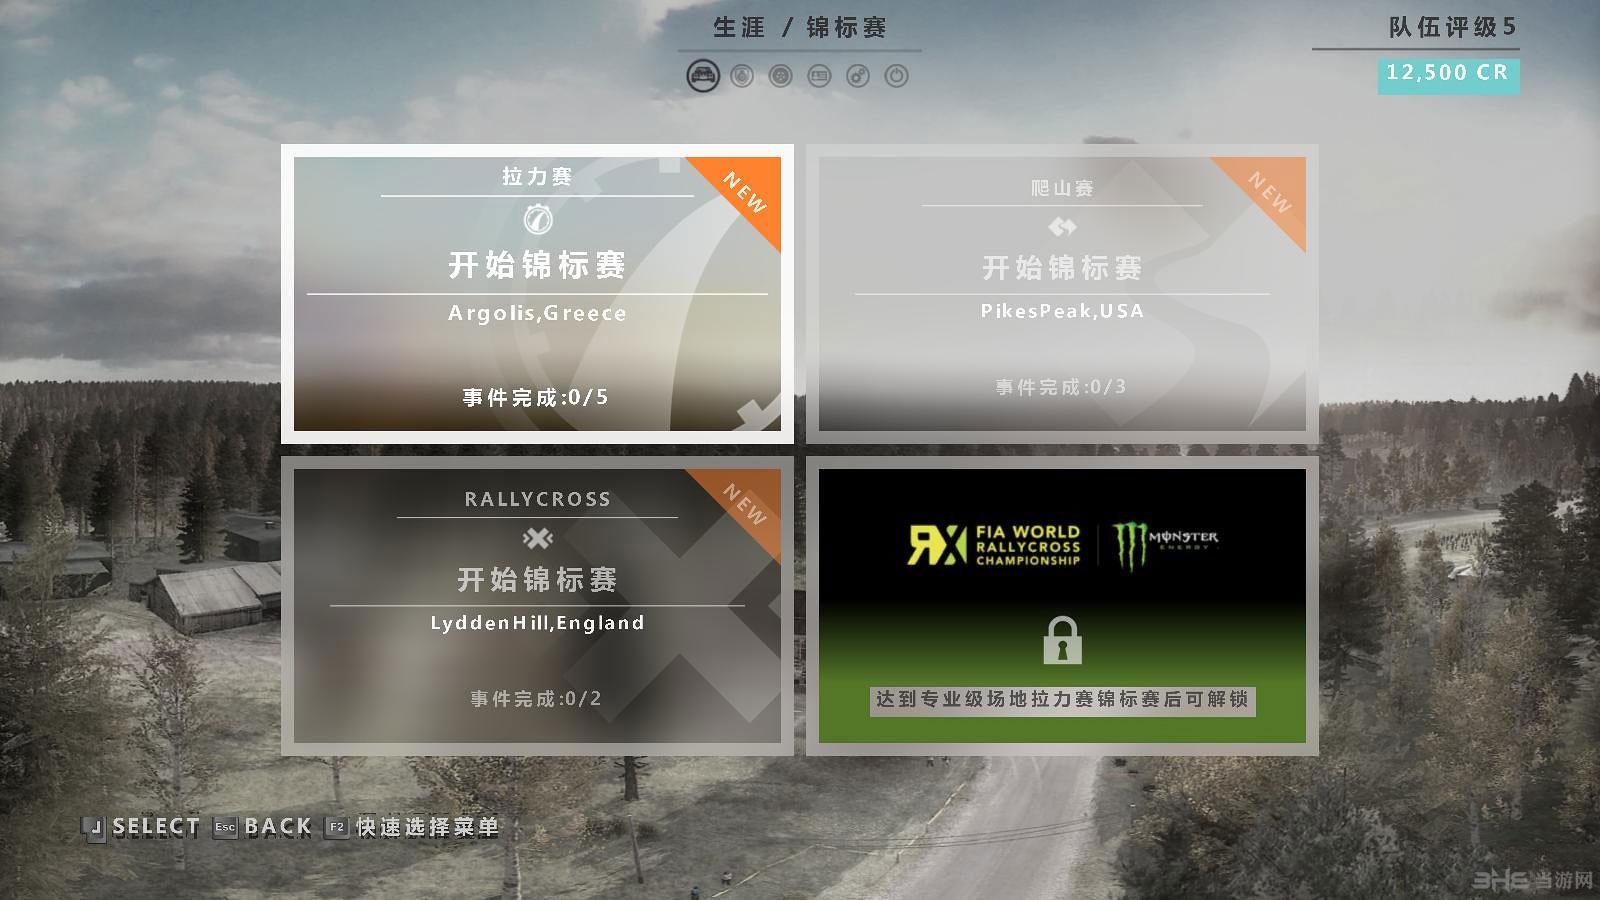 尘埃拉力赛简体中文汉化补丁截图3